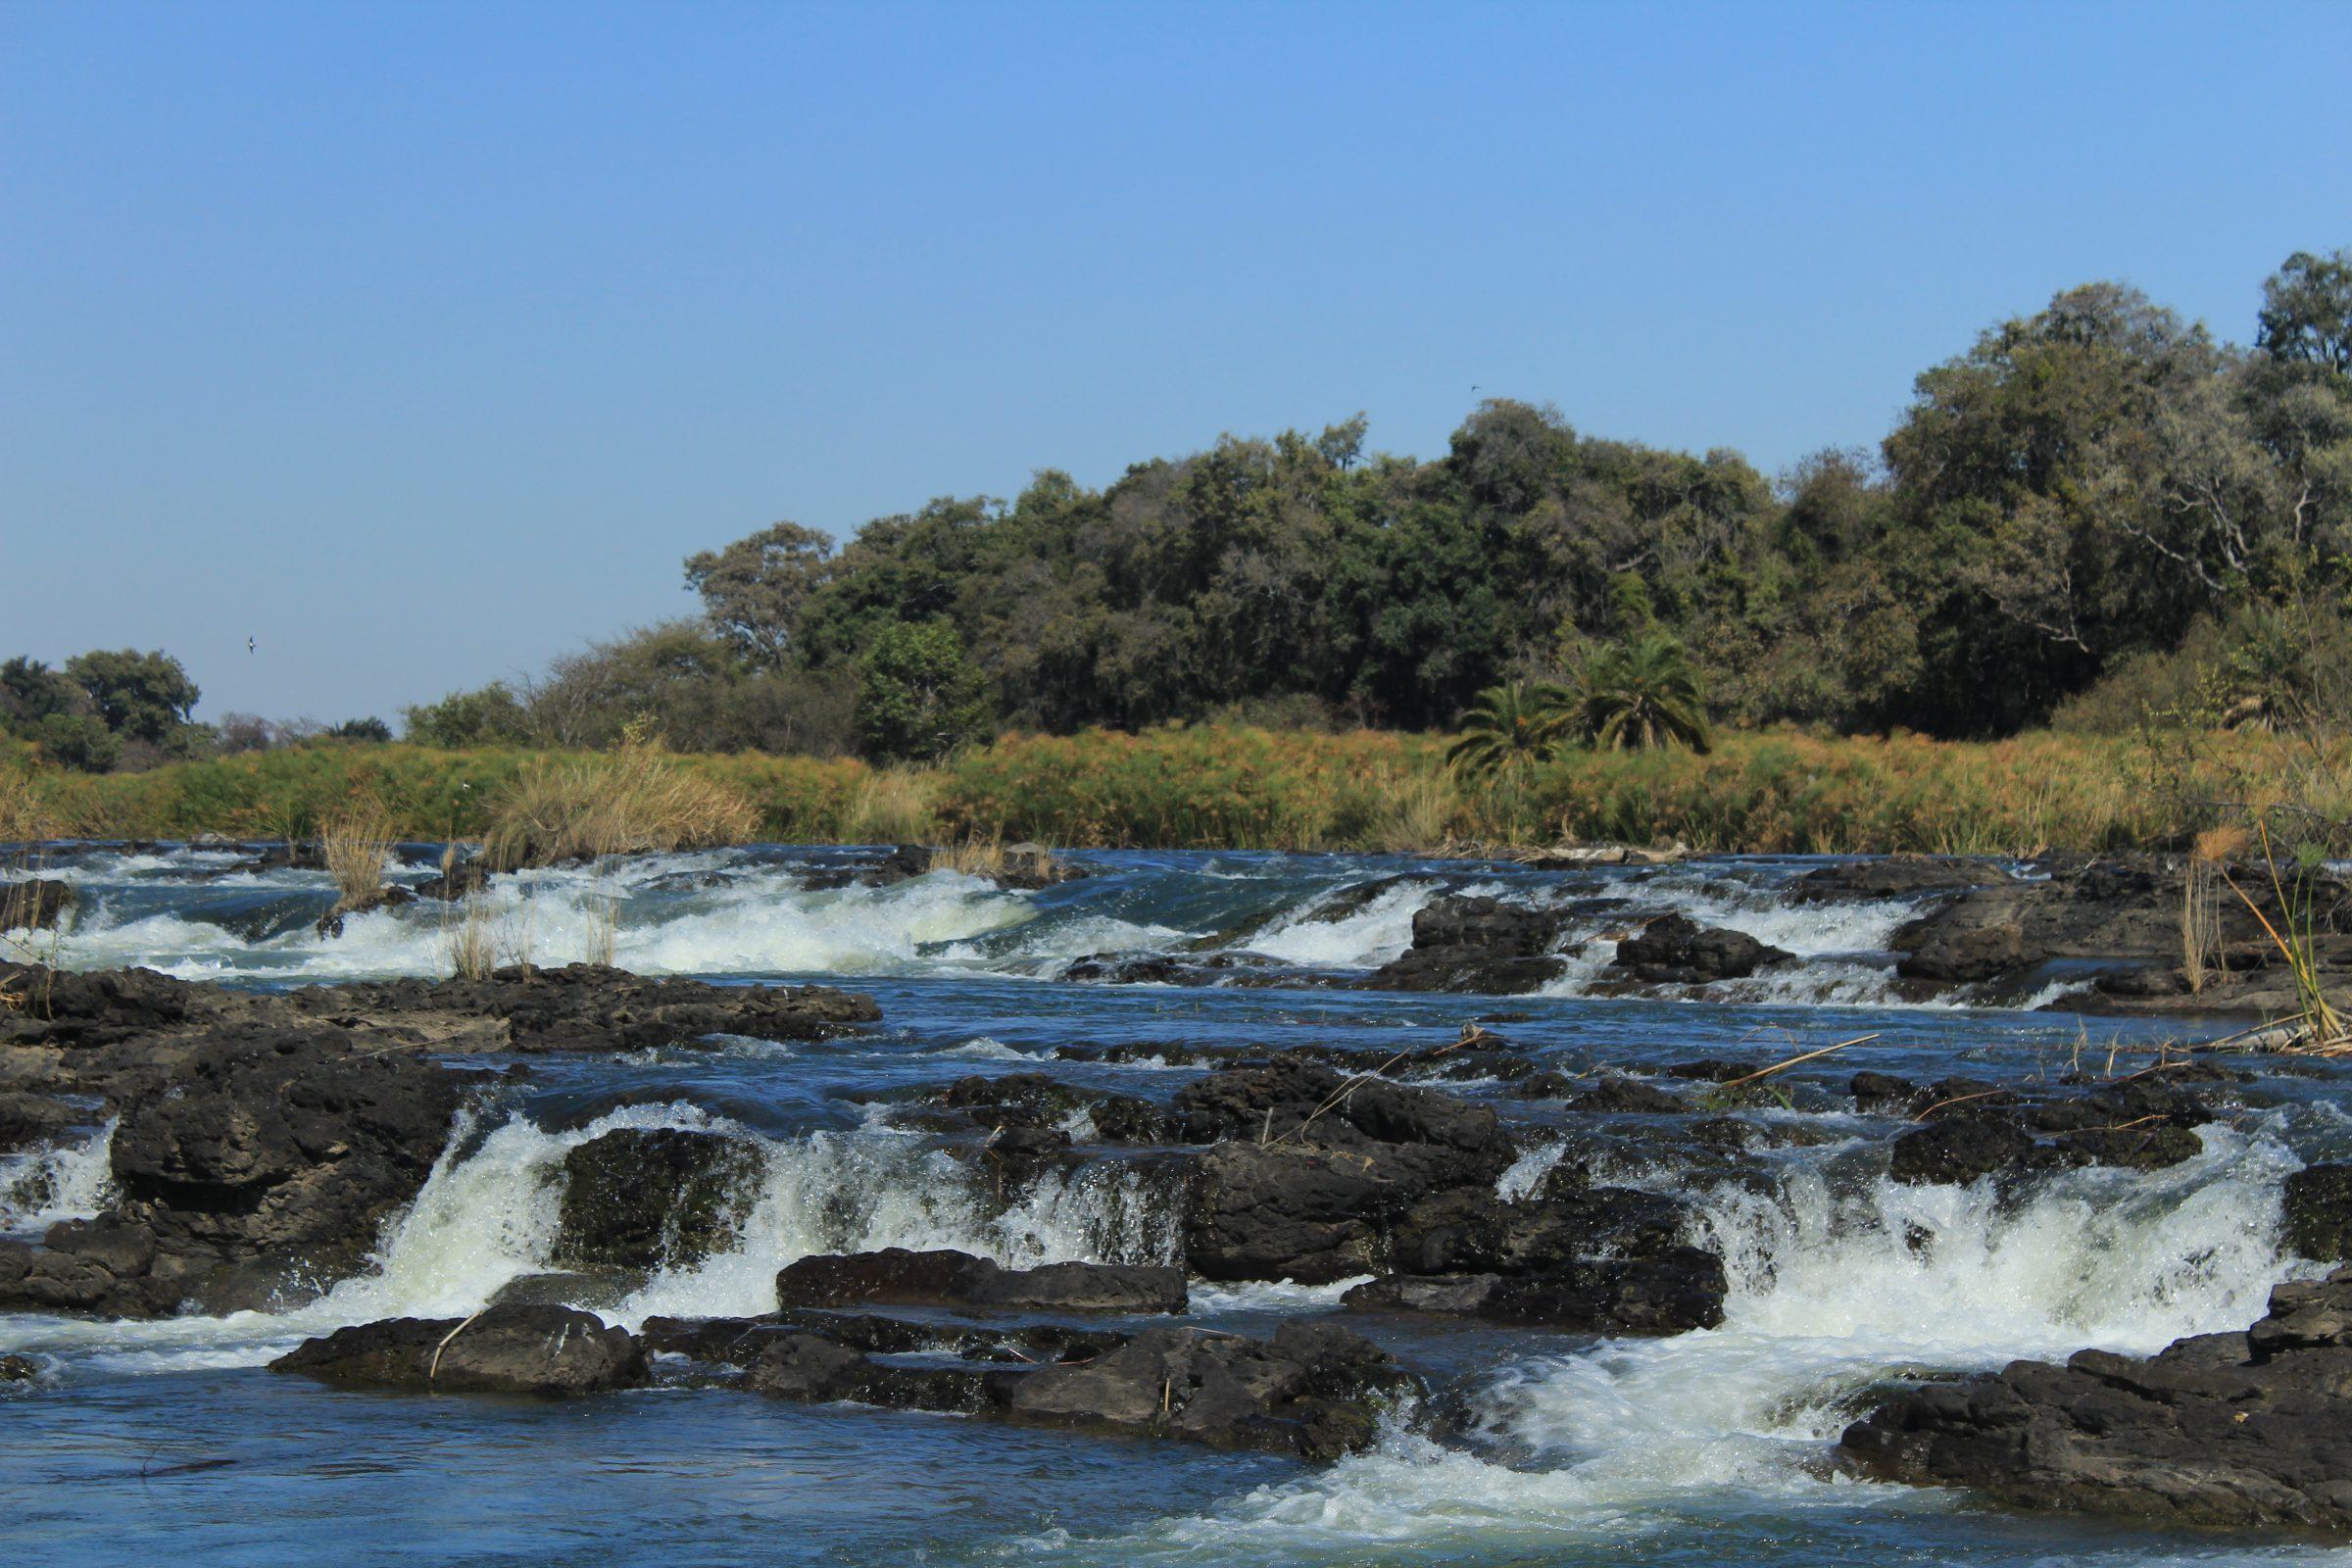 De popa falls in de buurt van Divundu